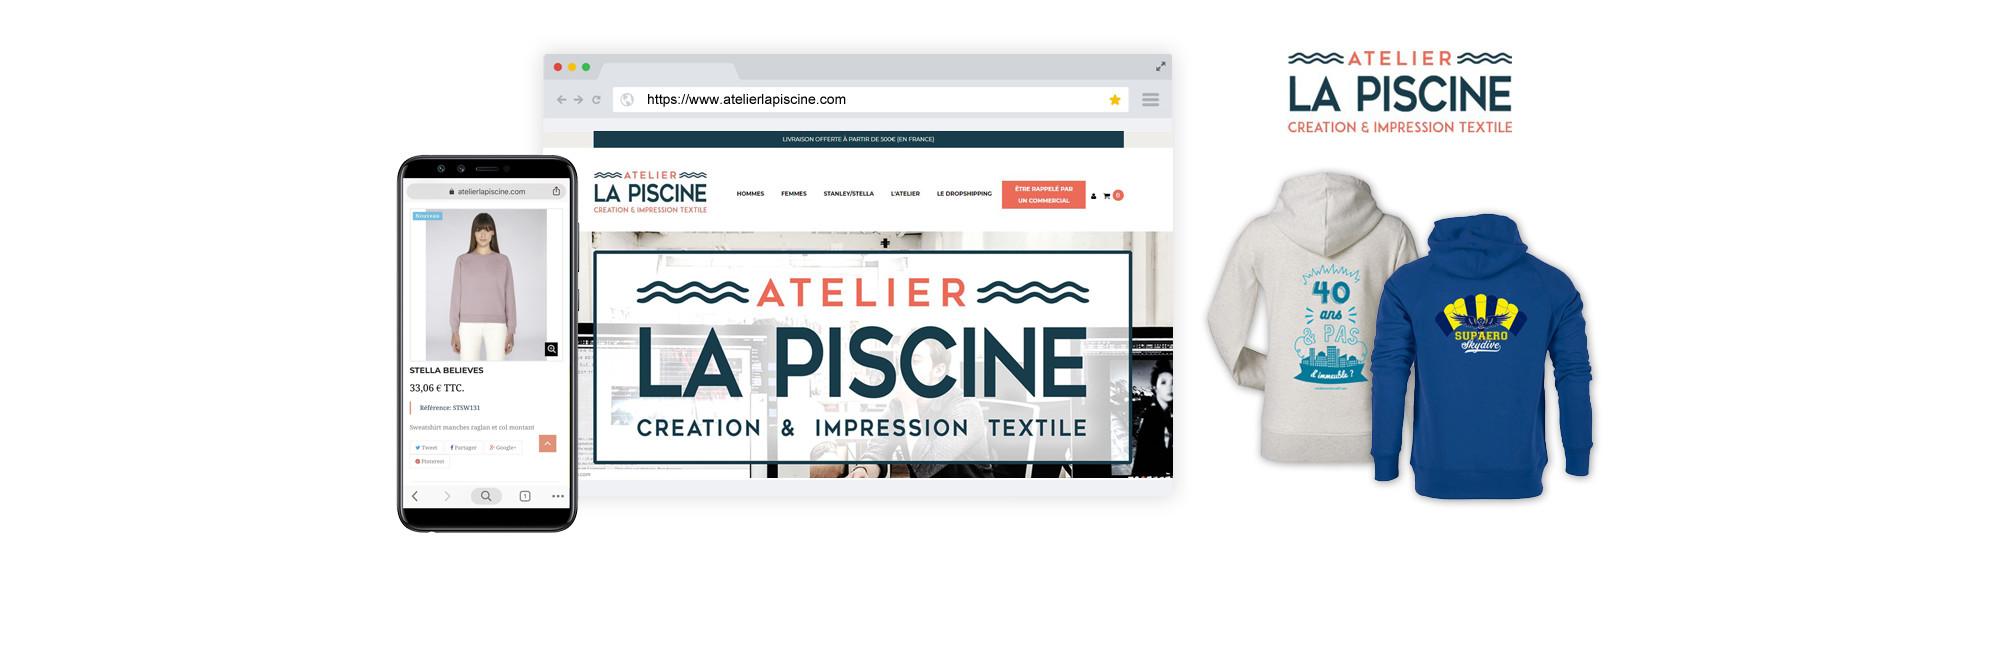 Atelier La Piscine